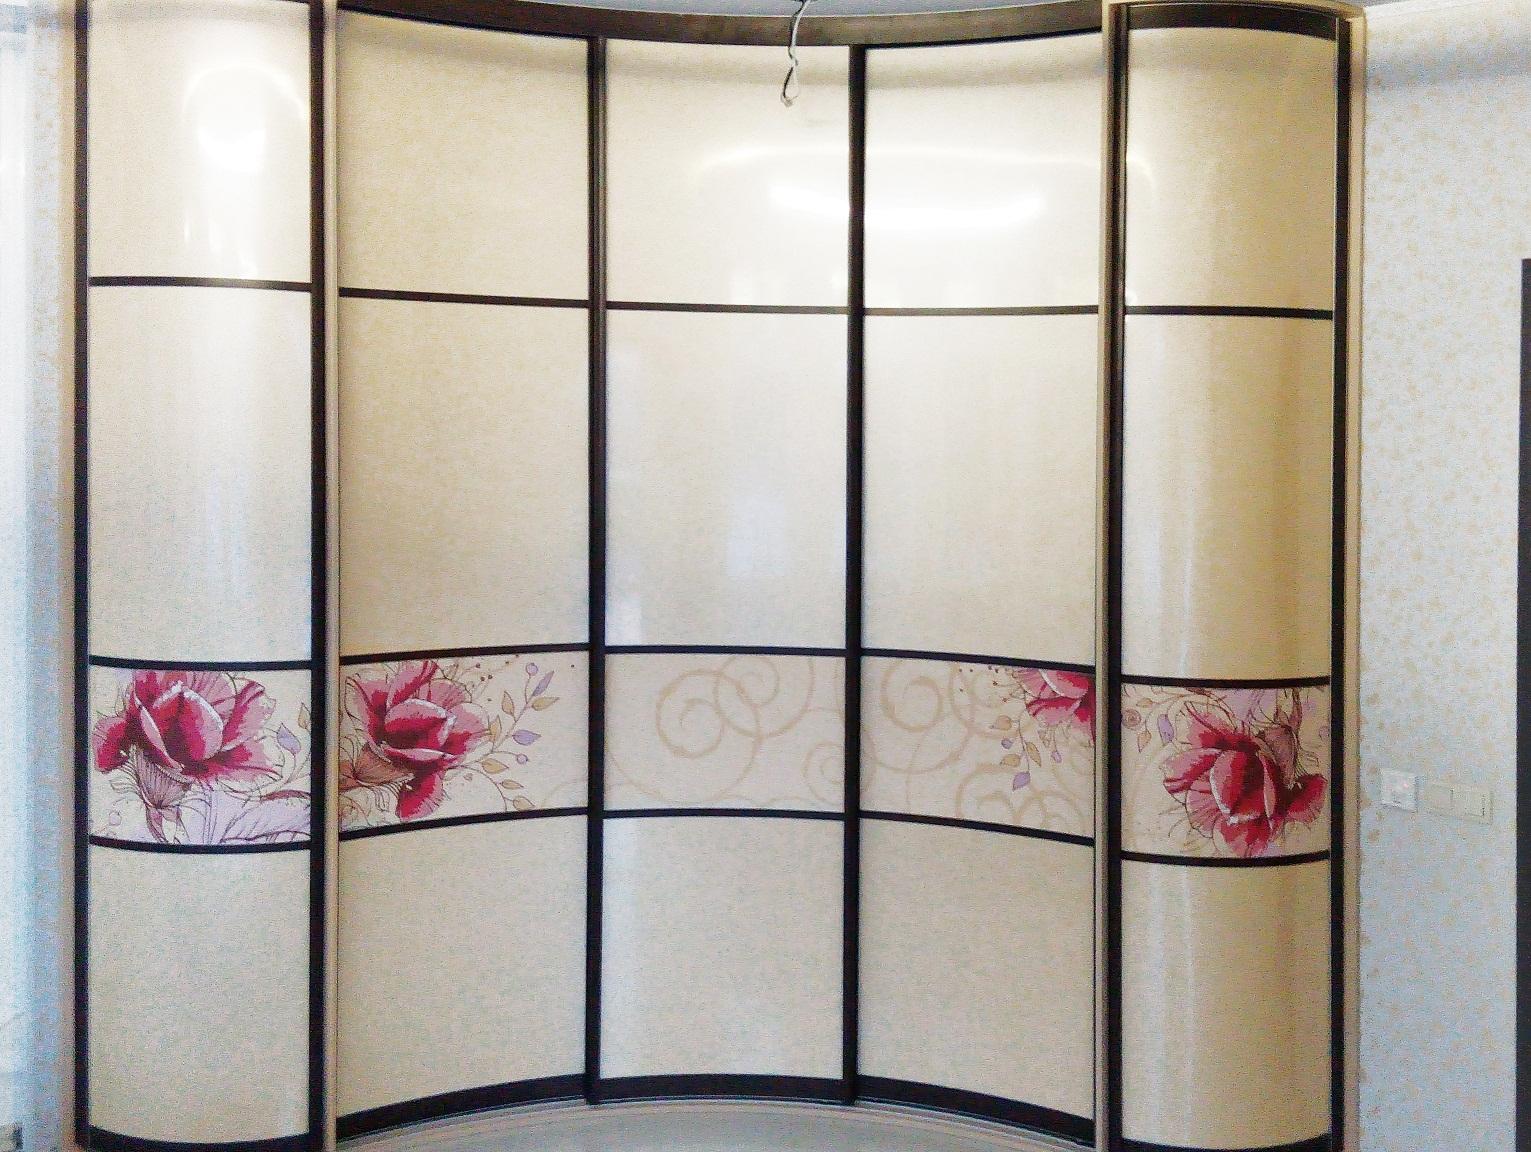 Радиусный шкаф-купе сам по себе является арт-объектом